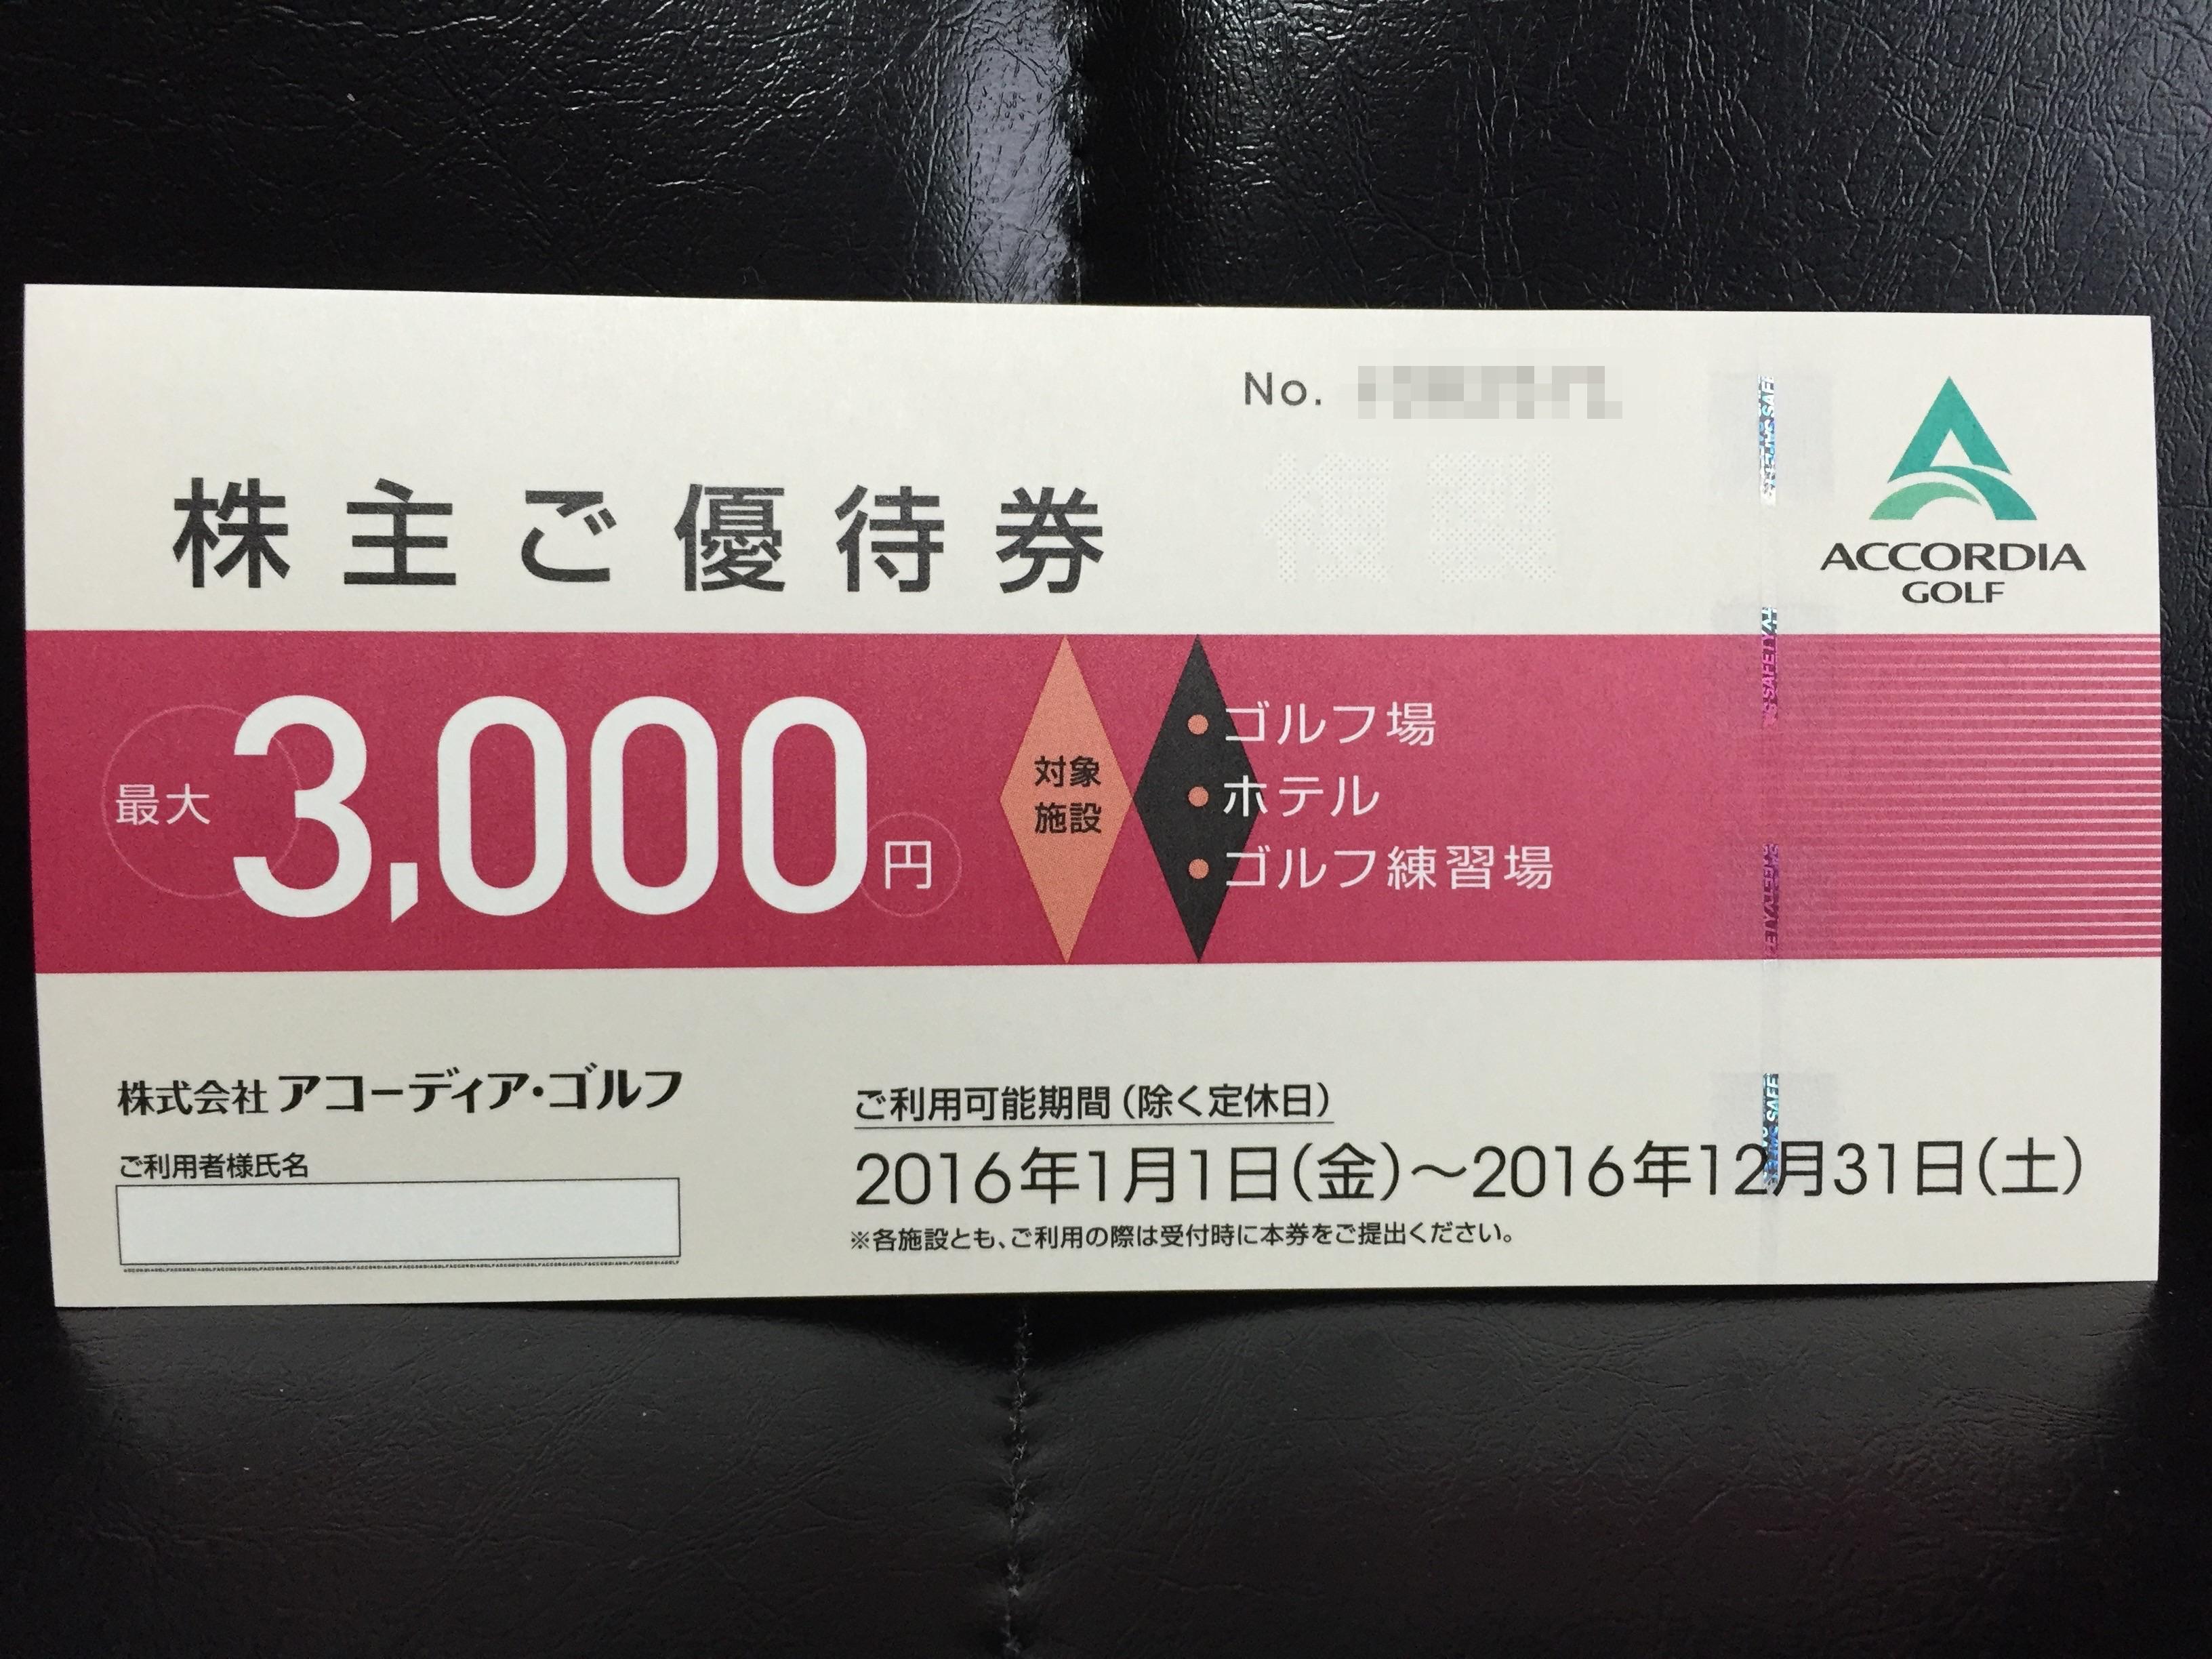 アコーディア・ゴルフ(2131)の株主優待を徹底紹介!! 1,000株なら3万円相当の優待券が貰える!!